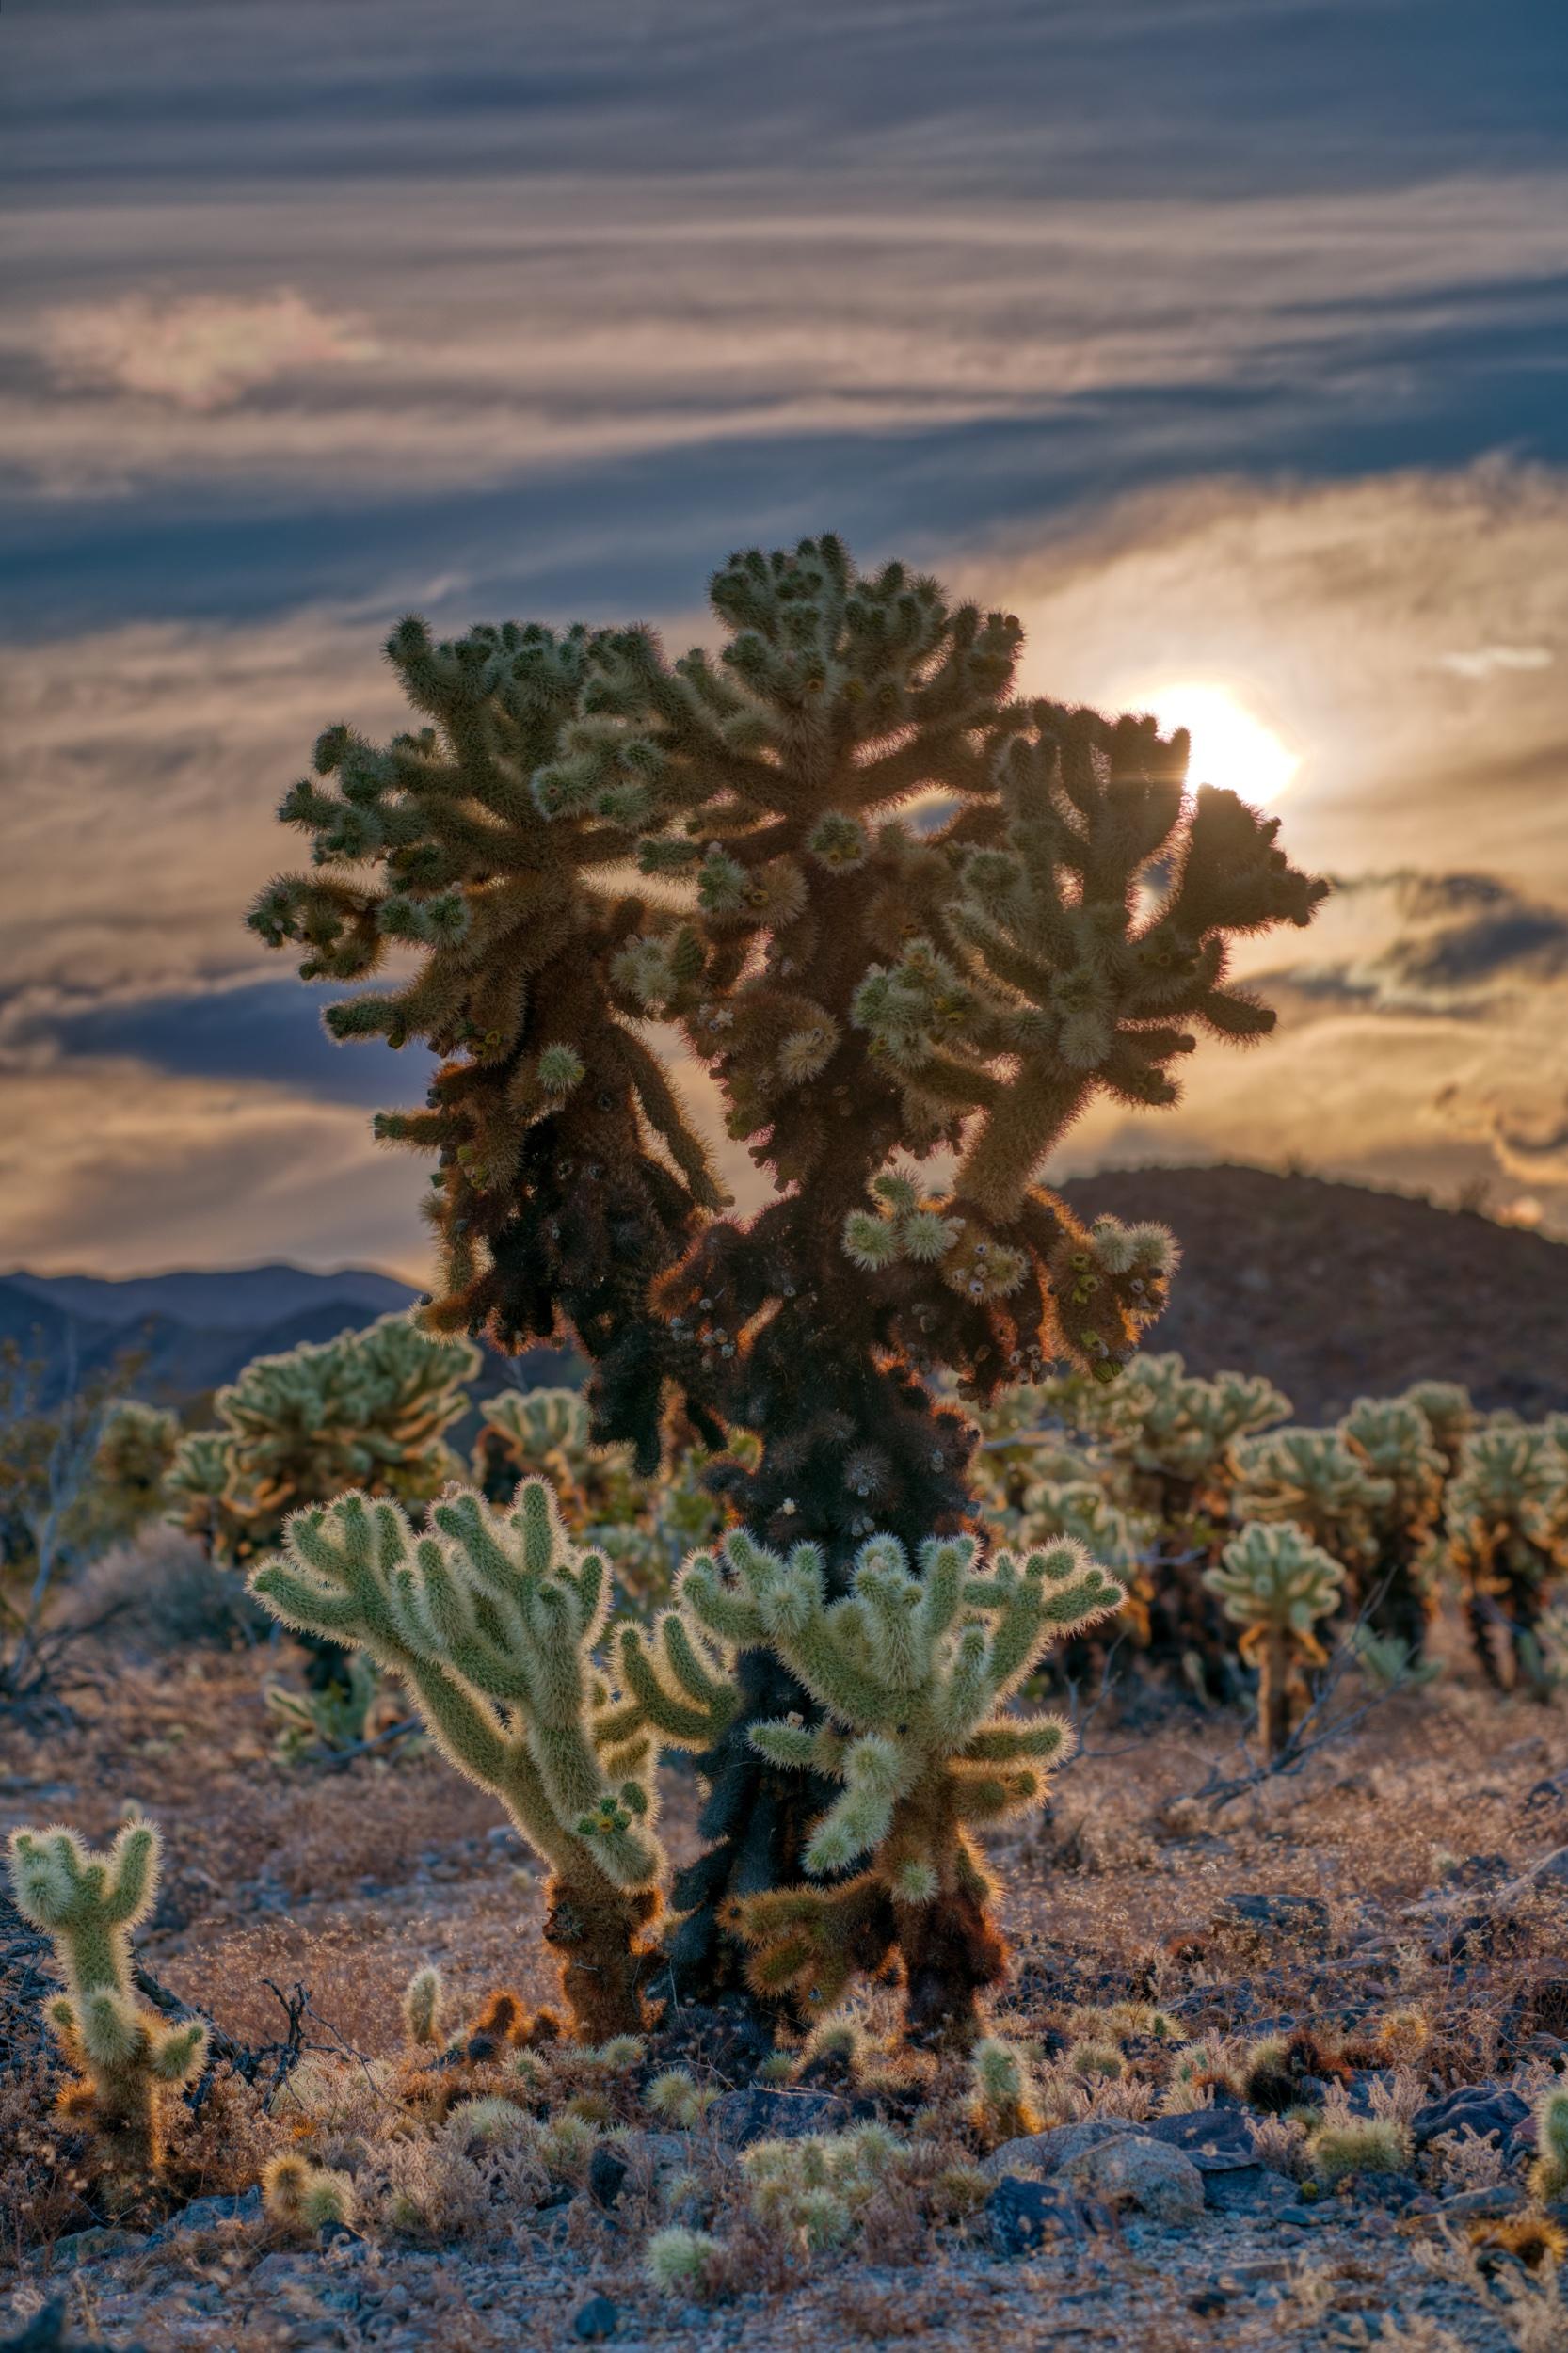 Joshua-tree-5-23-19-12624.jpeg